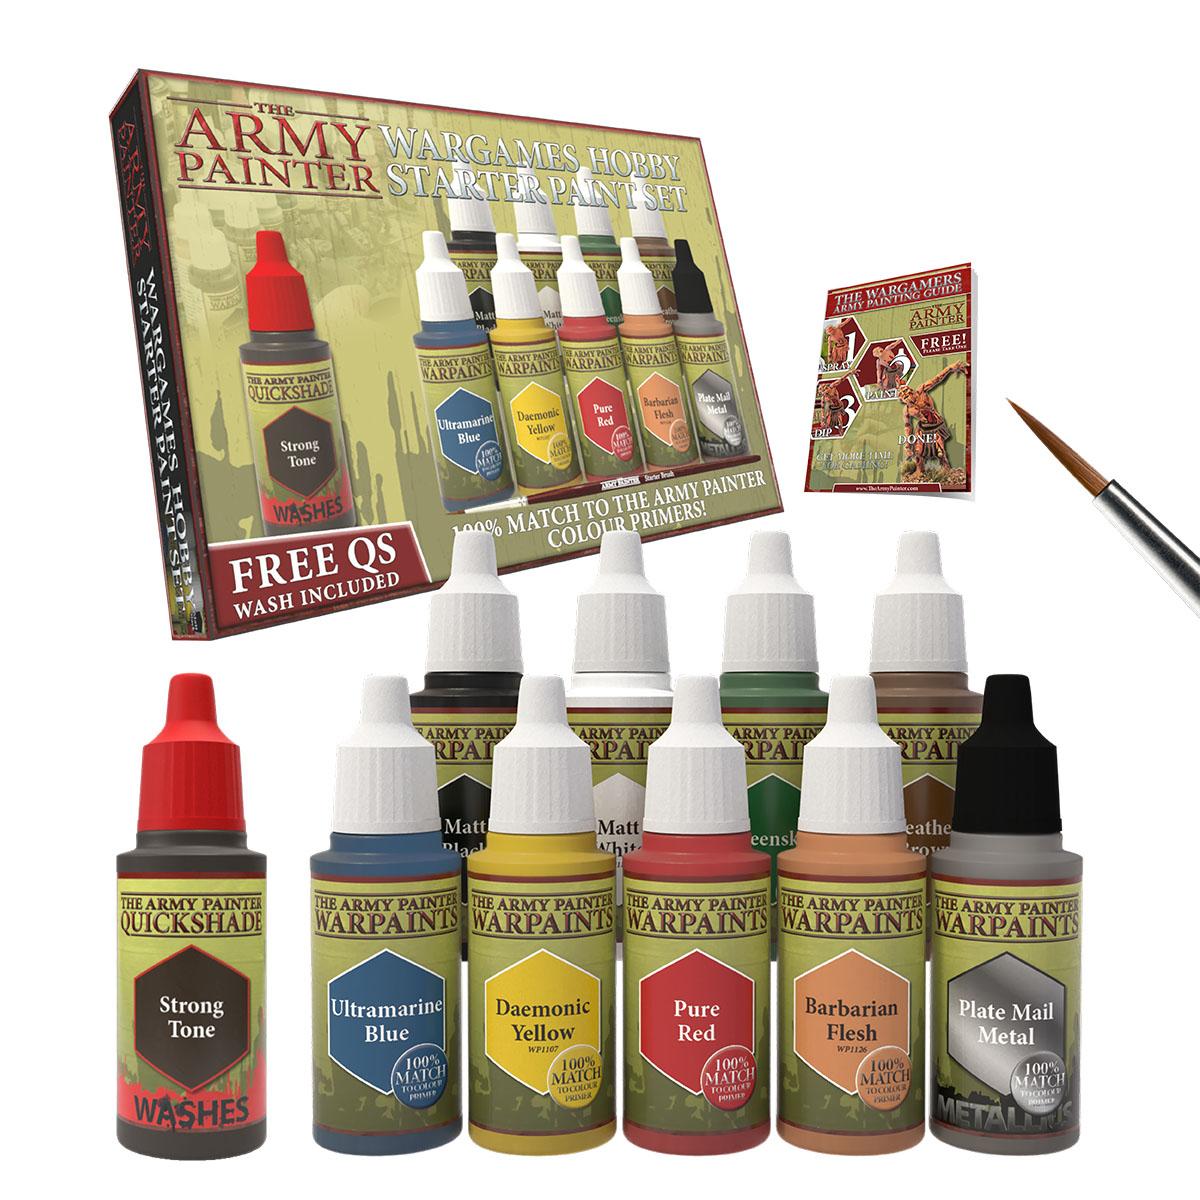 Army Painter - Warpaints Starter Paint Set